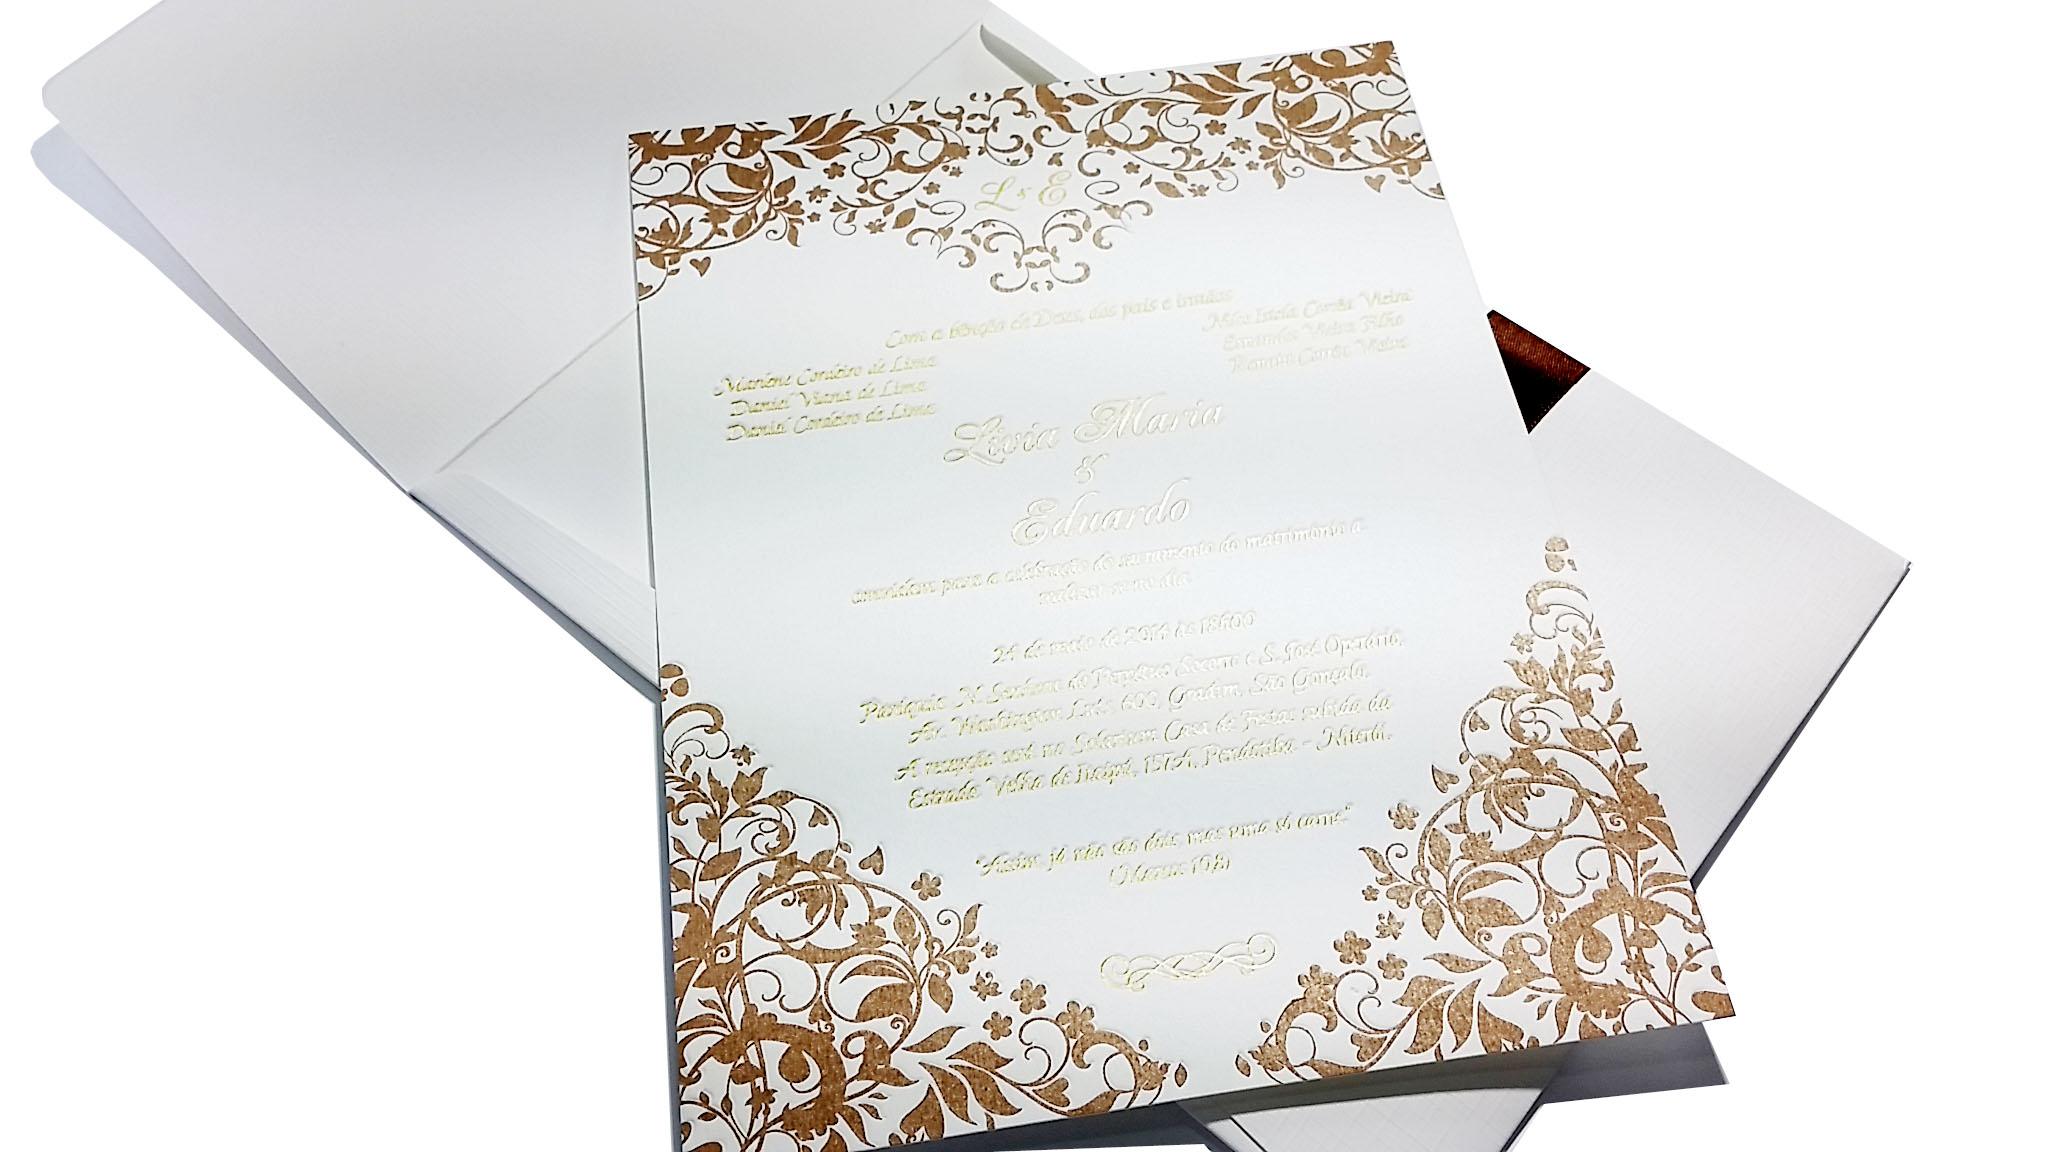 REF 0628 LetterPress